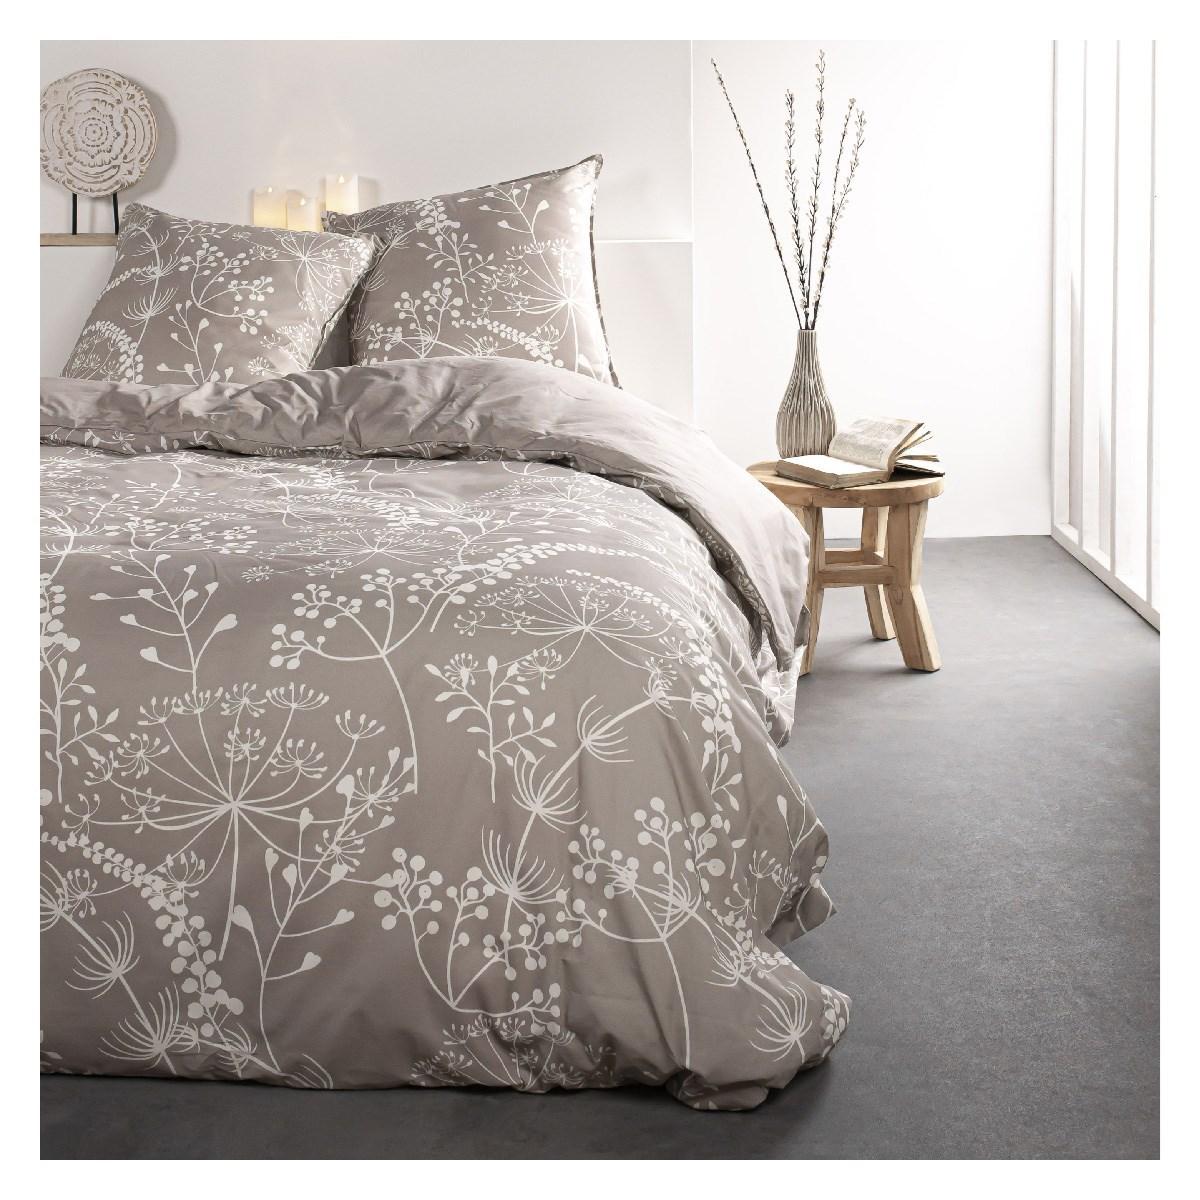 Parure de lit 2 personnes imprimé floral en Coton Marron 220x240 cm